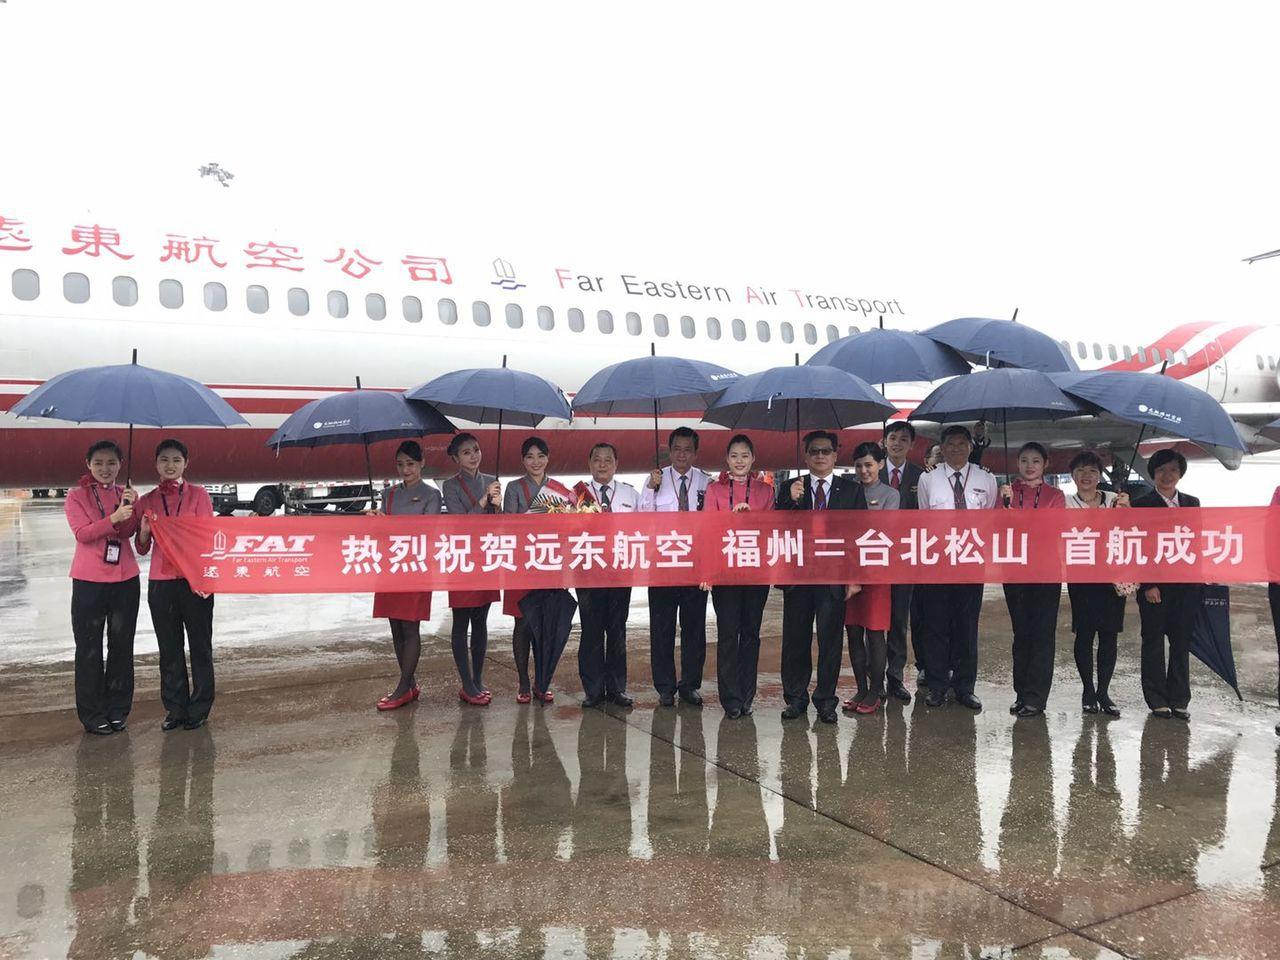 遠東航空今開航松山-福州航線,可提供小三通旅客更便利及彈性搭配飛航服務。圖/遠東...